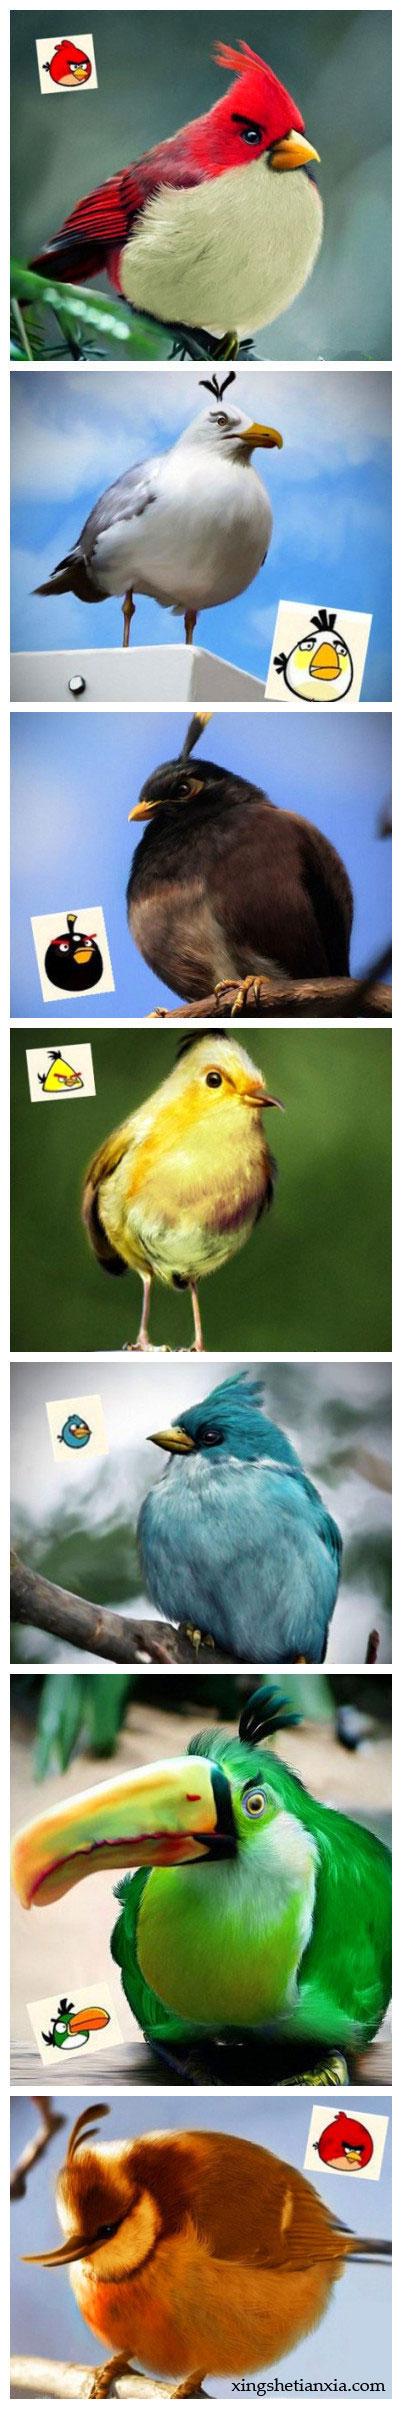 愤怒的小鸟现实版,现实中的愤怒的小鸟